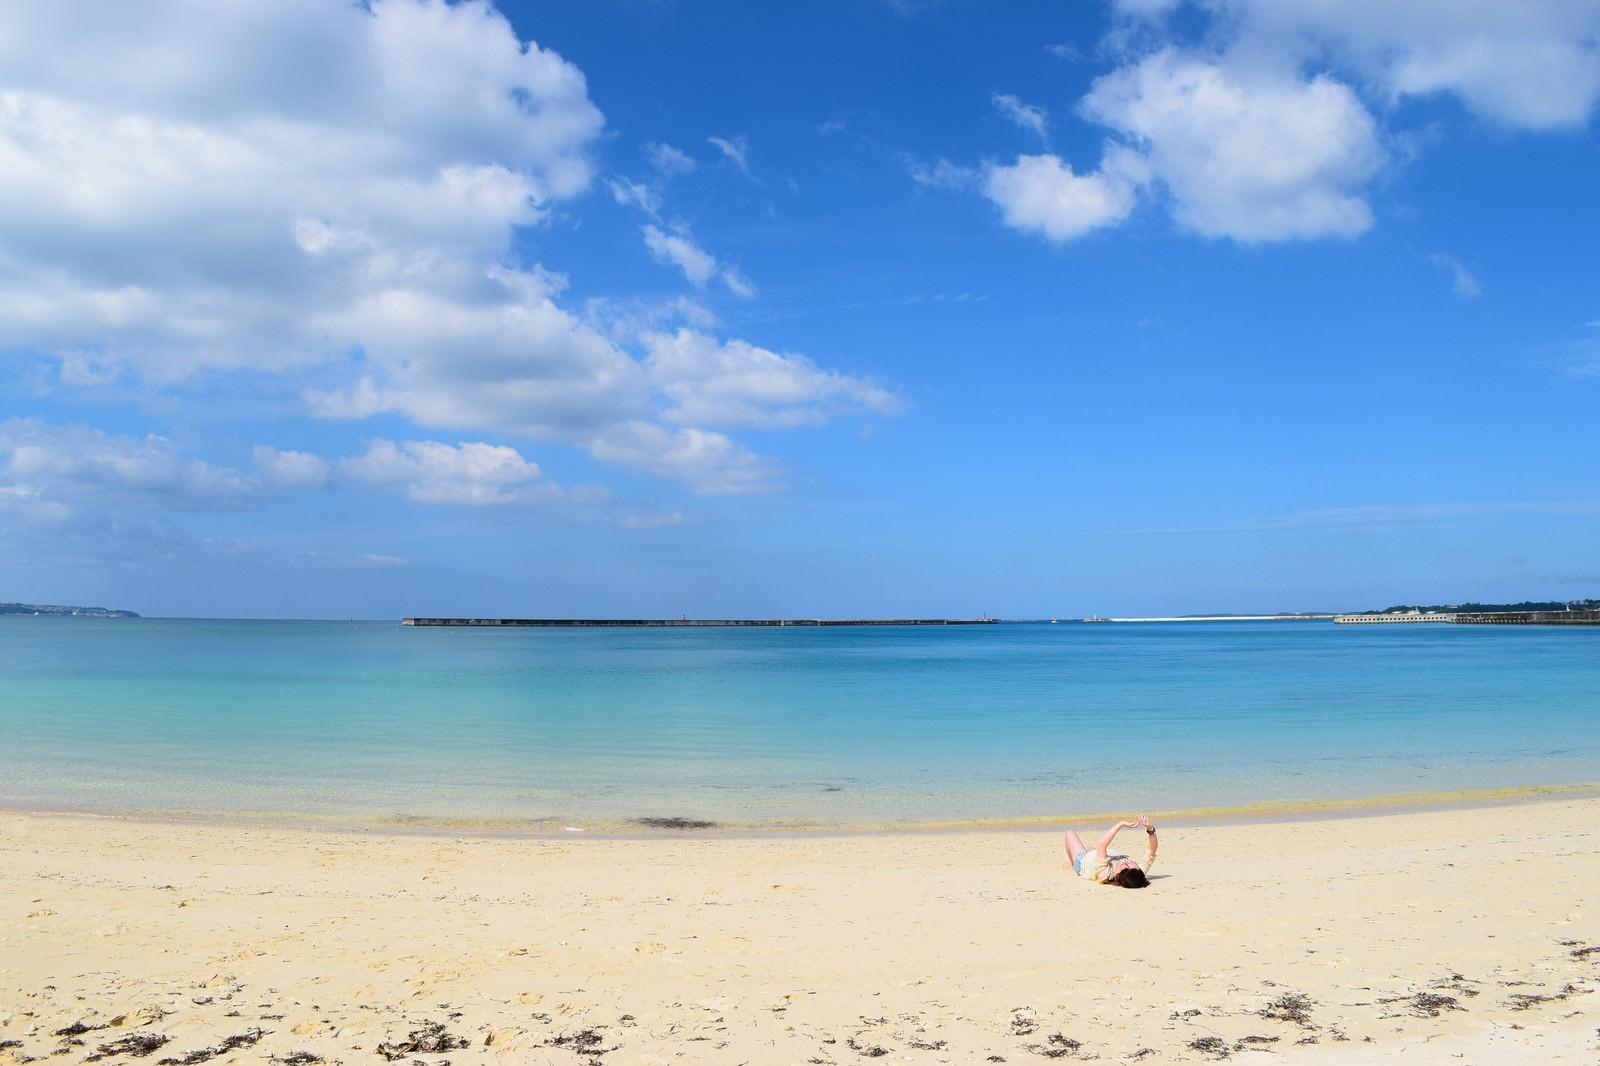 「開放的な沖縄の海を楽しむ開放的な沖縄の海を楽しむ」のフリー写真素材を拡大